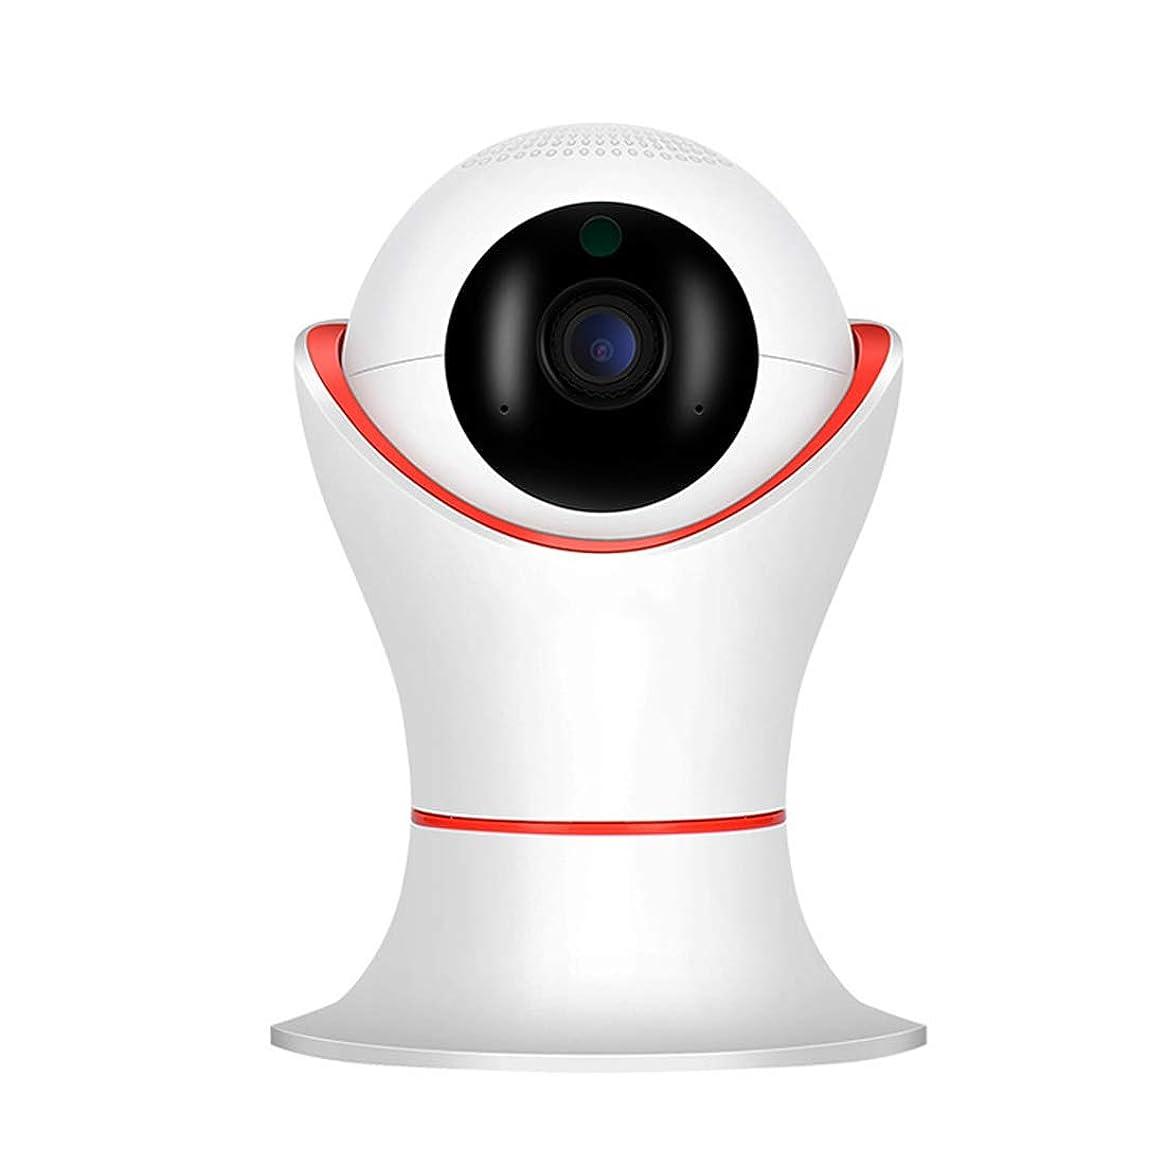 平方沿ってスクラブFoxsed-five ホームカメラパン/チルトIP屋内セキュリティ監視 - ベビーモニター-1080p HDナイトビジョン、モーショントラッカー、リモートモニター